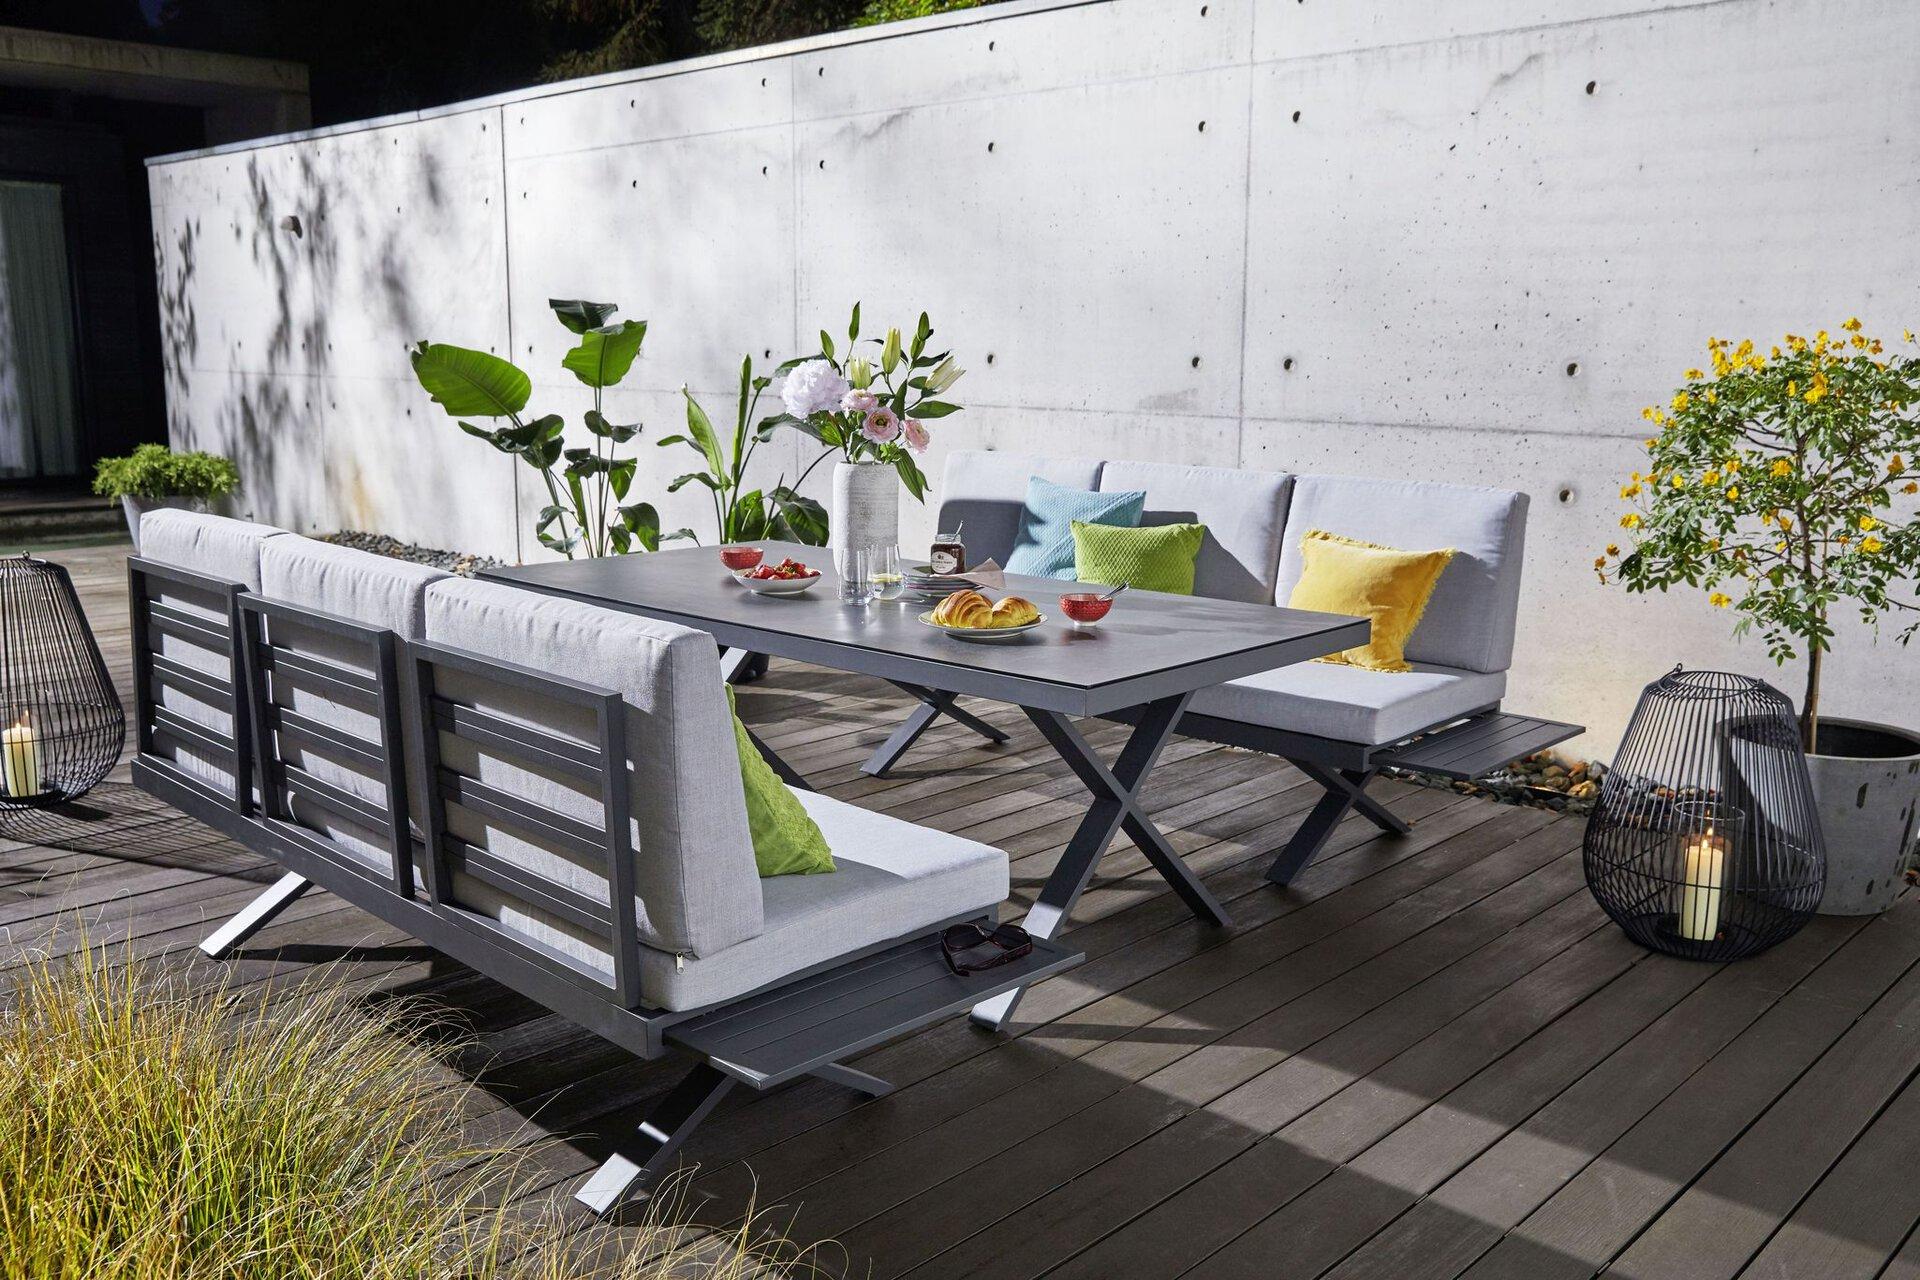 Loungesofa - RIEKE II Outdoor Textil grau 88 x 72 x 198 cm